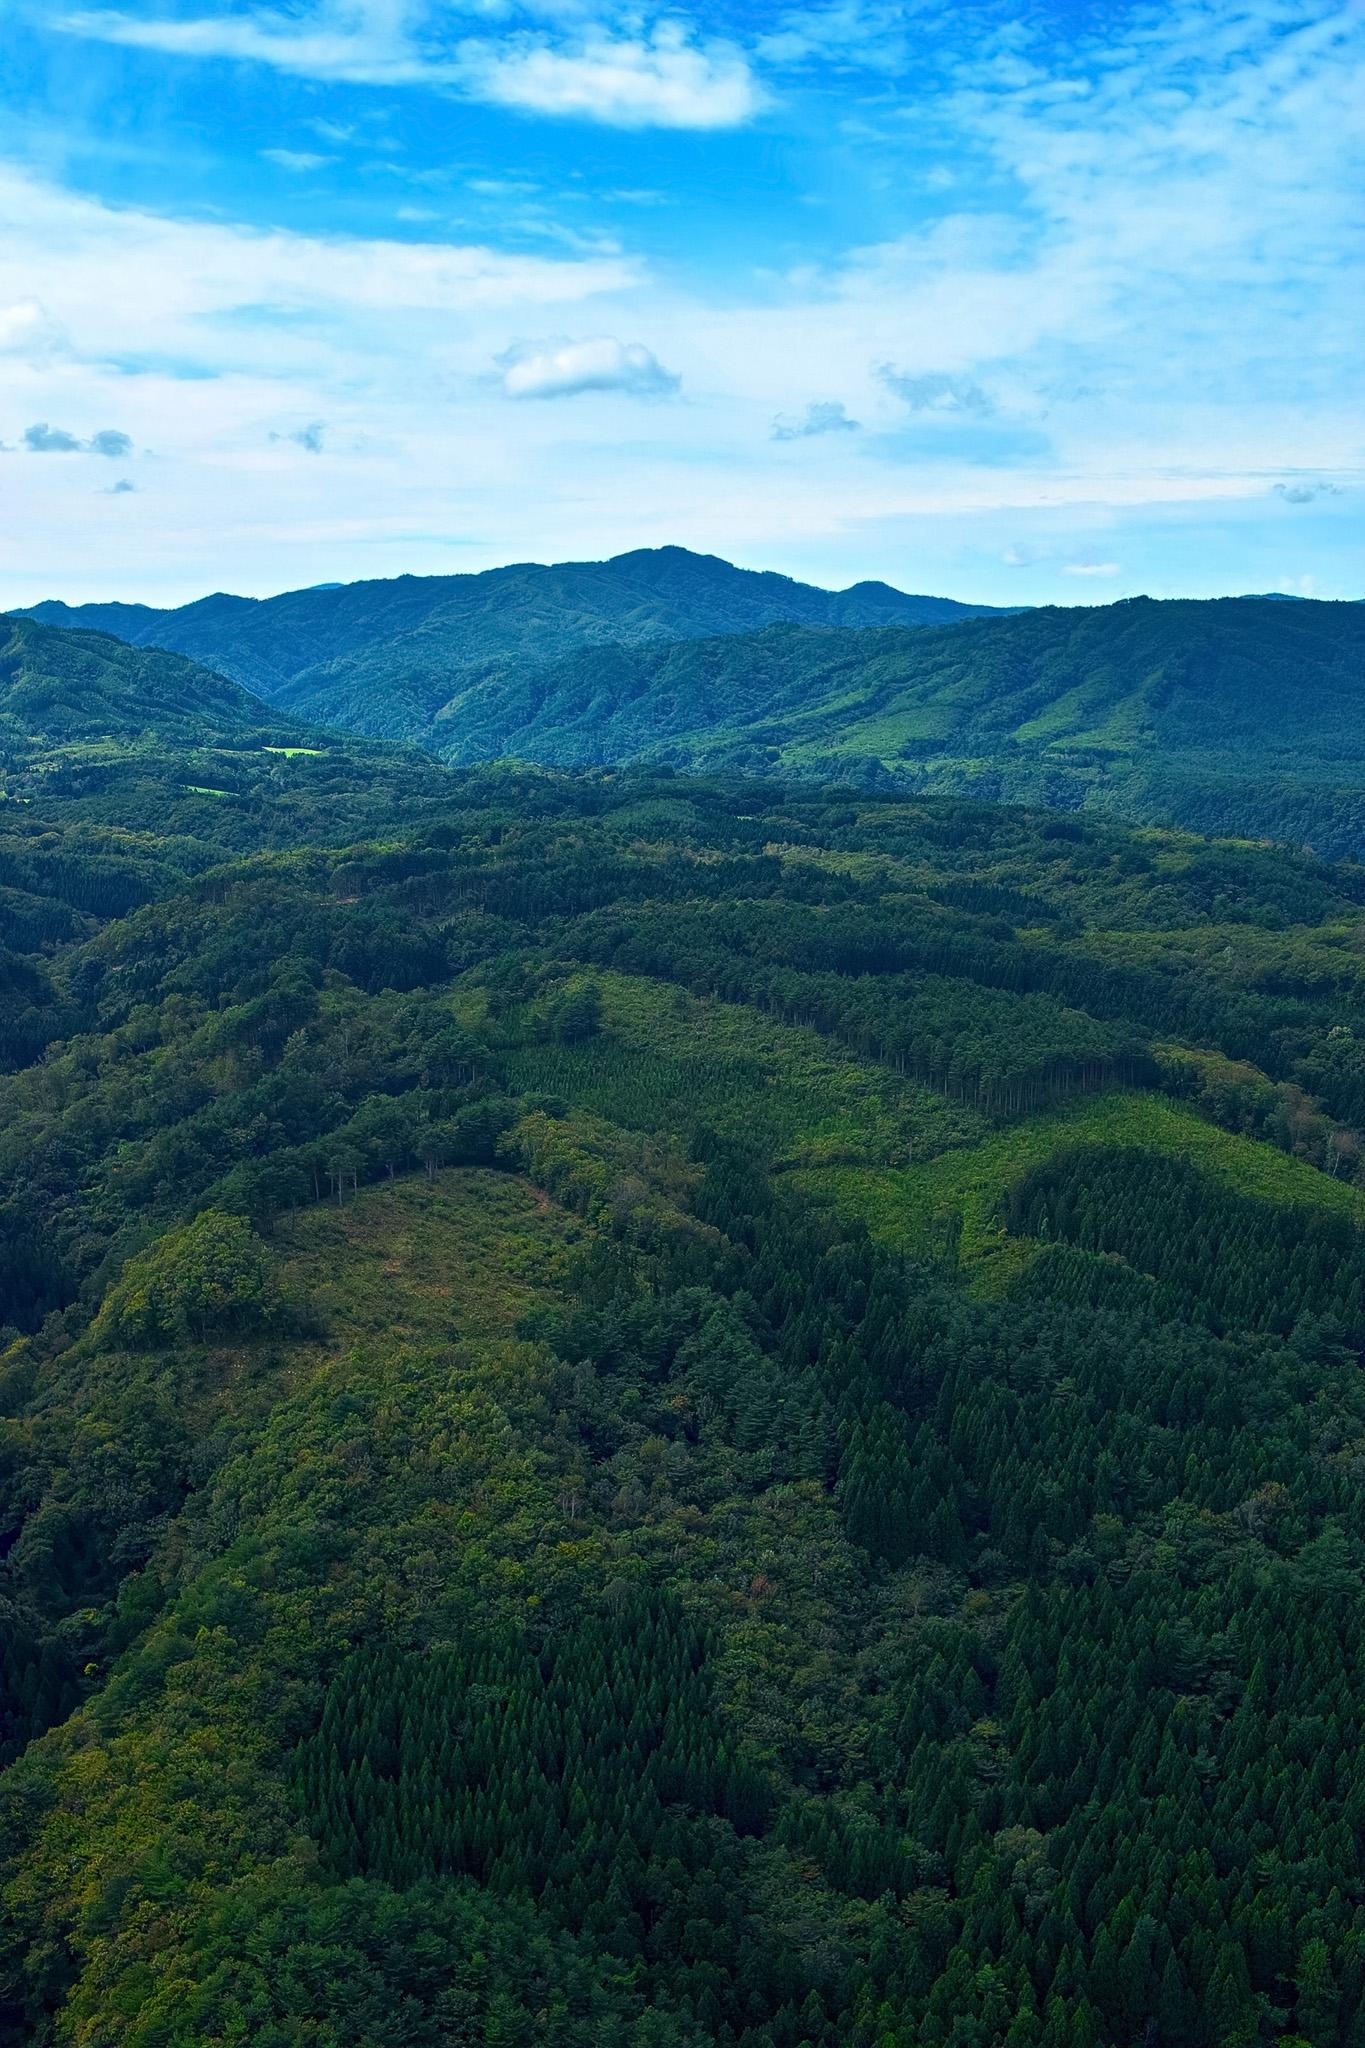 「緑の木々が連なる山並み」